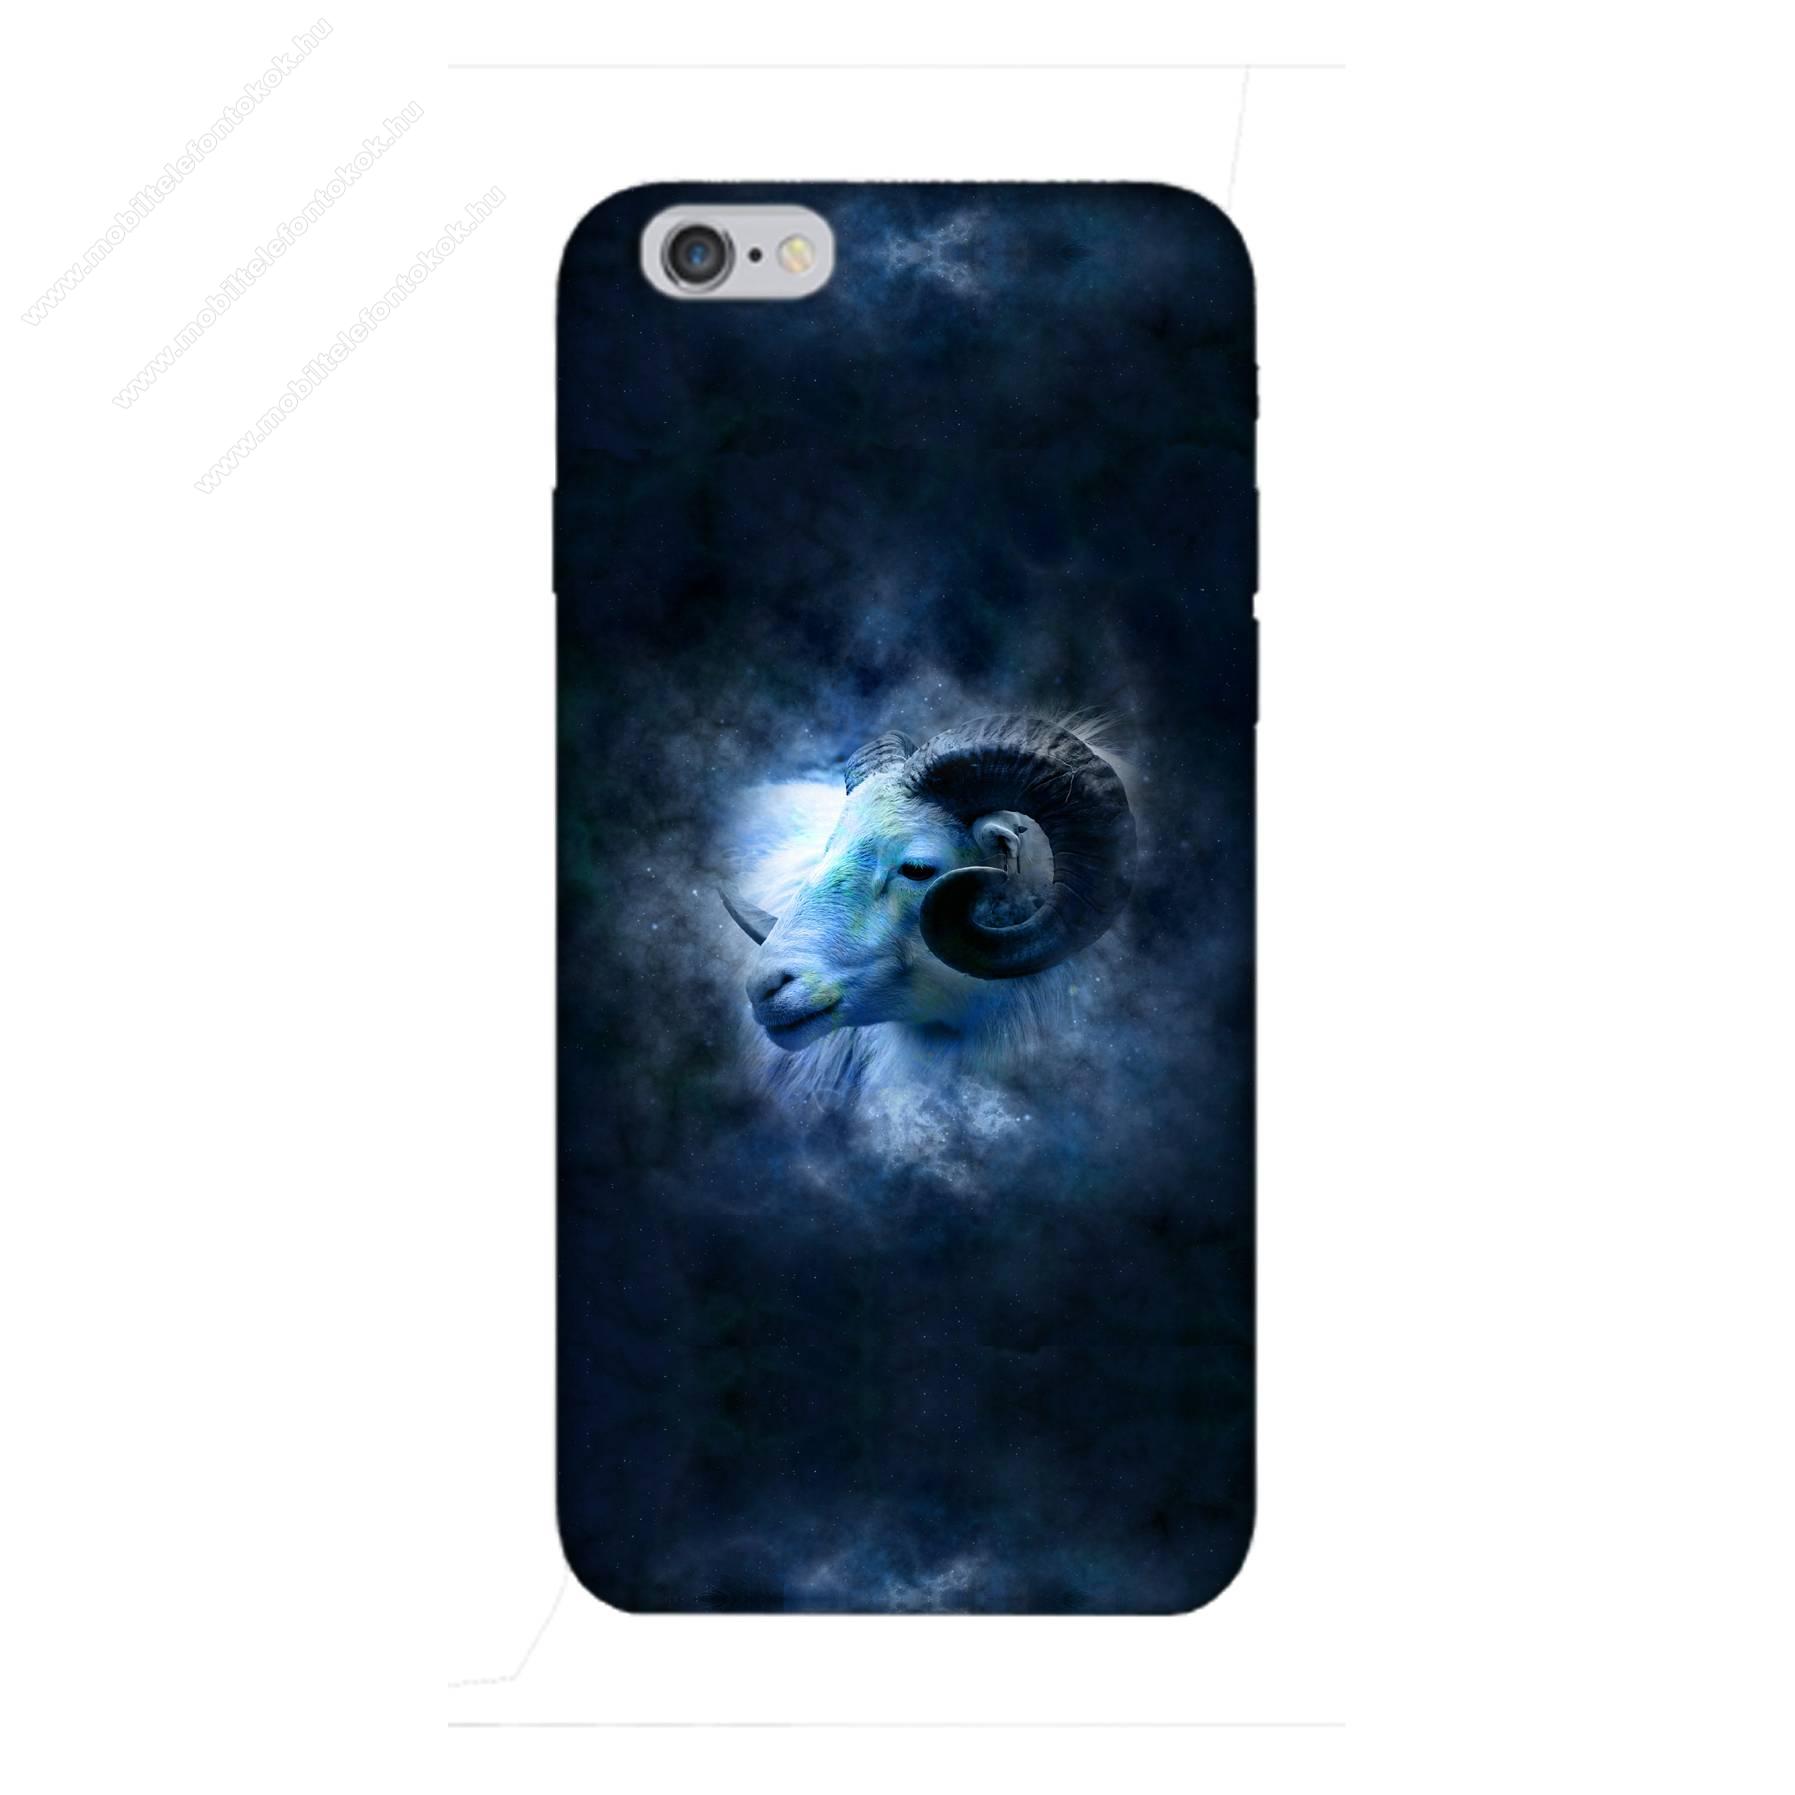 E-pic szilikon védő tok / hátlap - Horoszkóp, Kos mintás - APPLE iPhone 6 Plus / APPLE iPhone 6s Plus